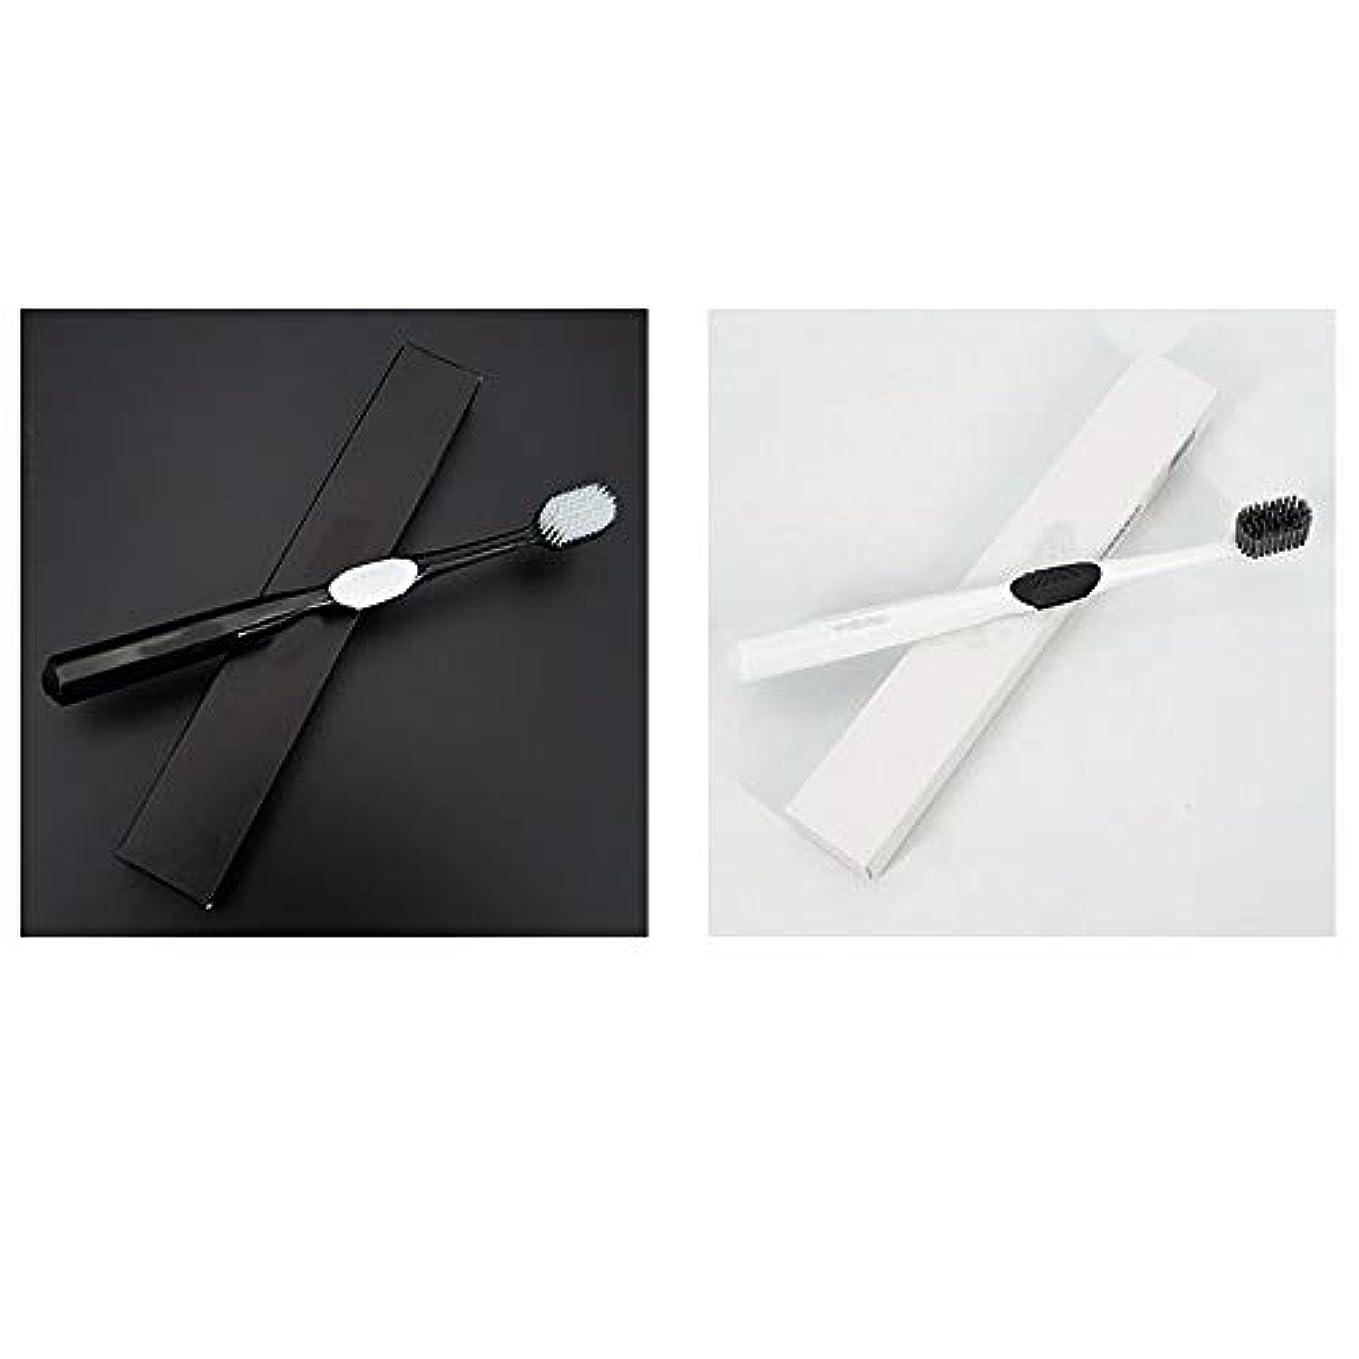 水分開示する見えない歯ブラシ 4本の歯ブラシ、ナノ柔らかい歯ブラシ、大人バルク歯ブラシ、活性炭歯ホワイトニング HL (サイズ : 4 packs)